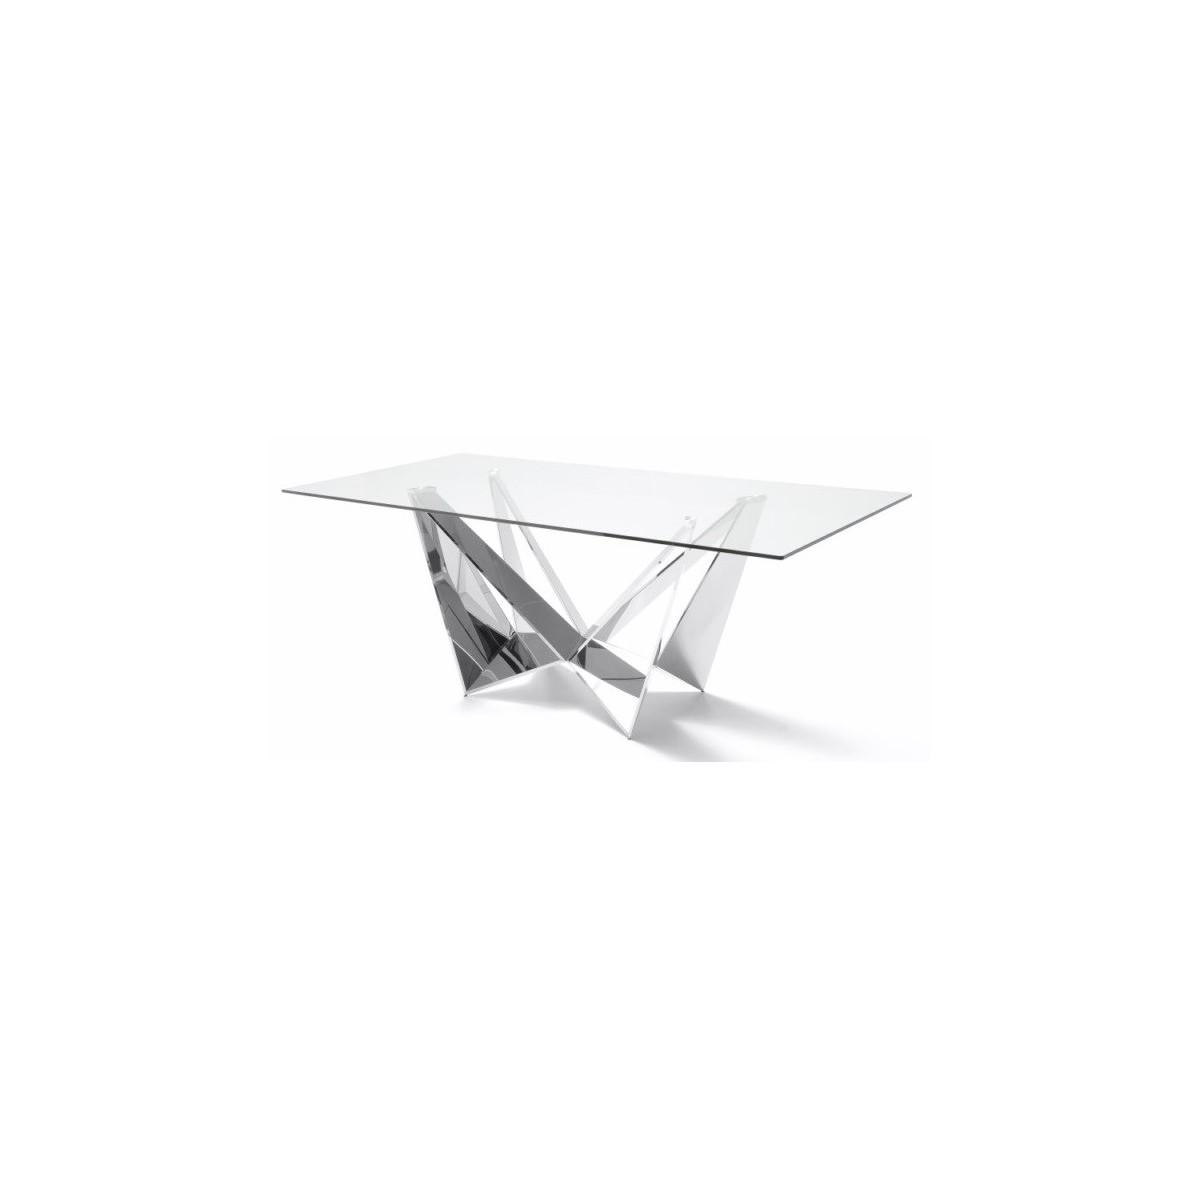 Mesa comedor dise o estructura cromada cristal templado for Mesa comedor diseno cristal